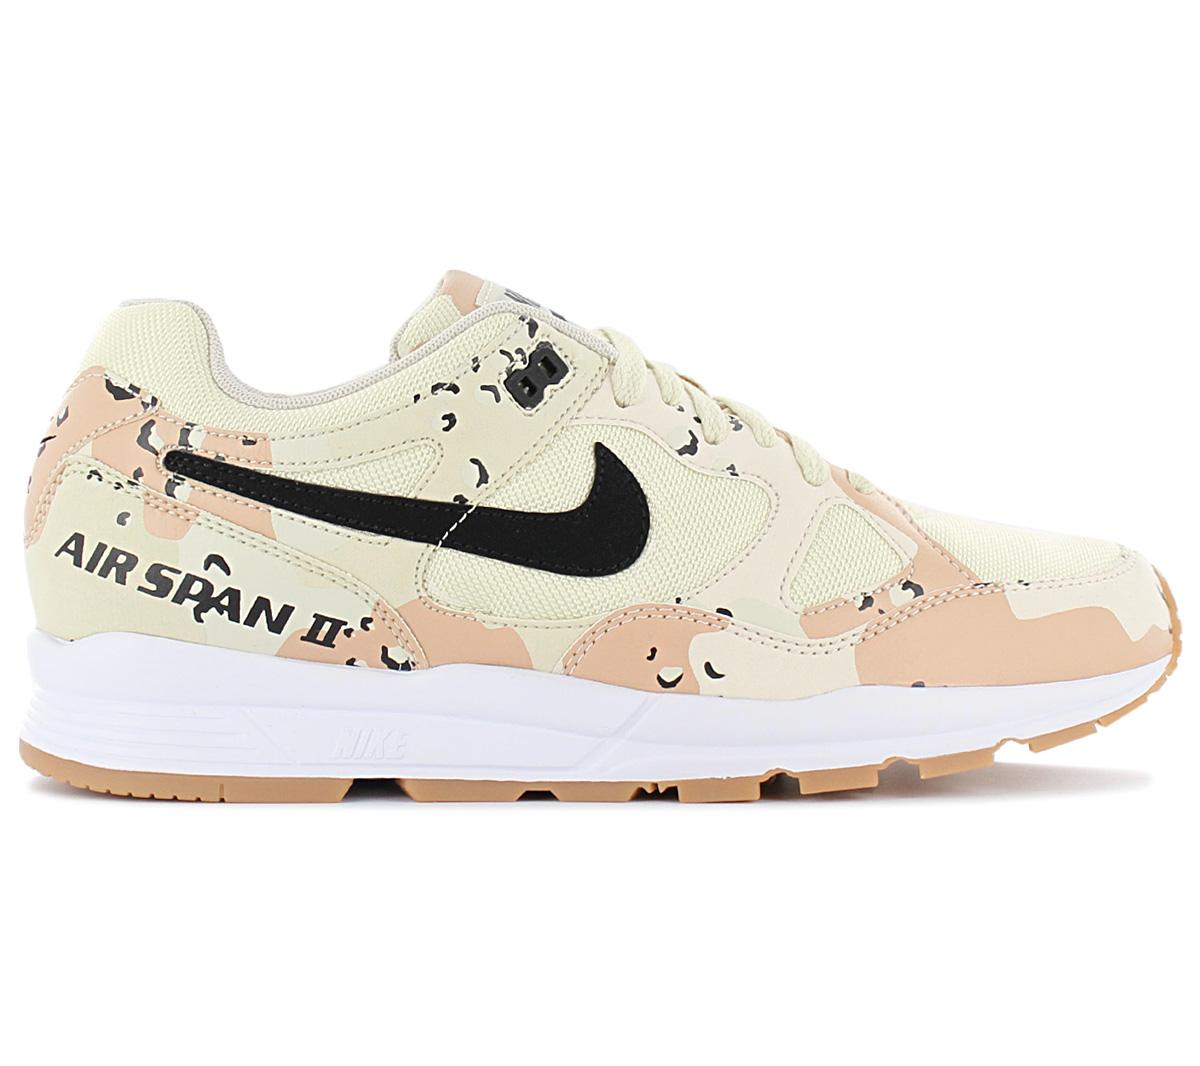 Tiranía Merecer viceversa  Nike Air Span II PRM Premium-Desert Camo Zapatillas Zapatos para  hombre-AO1546-200 | eBay